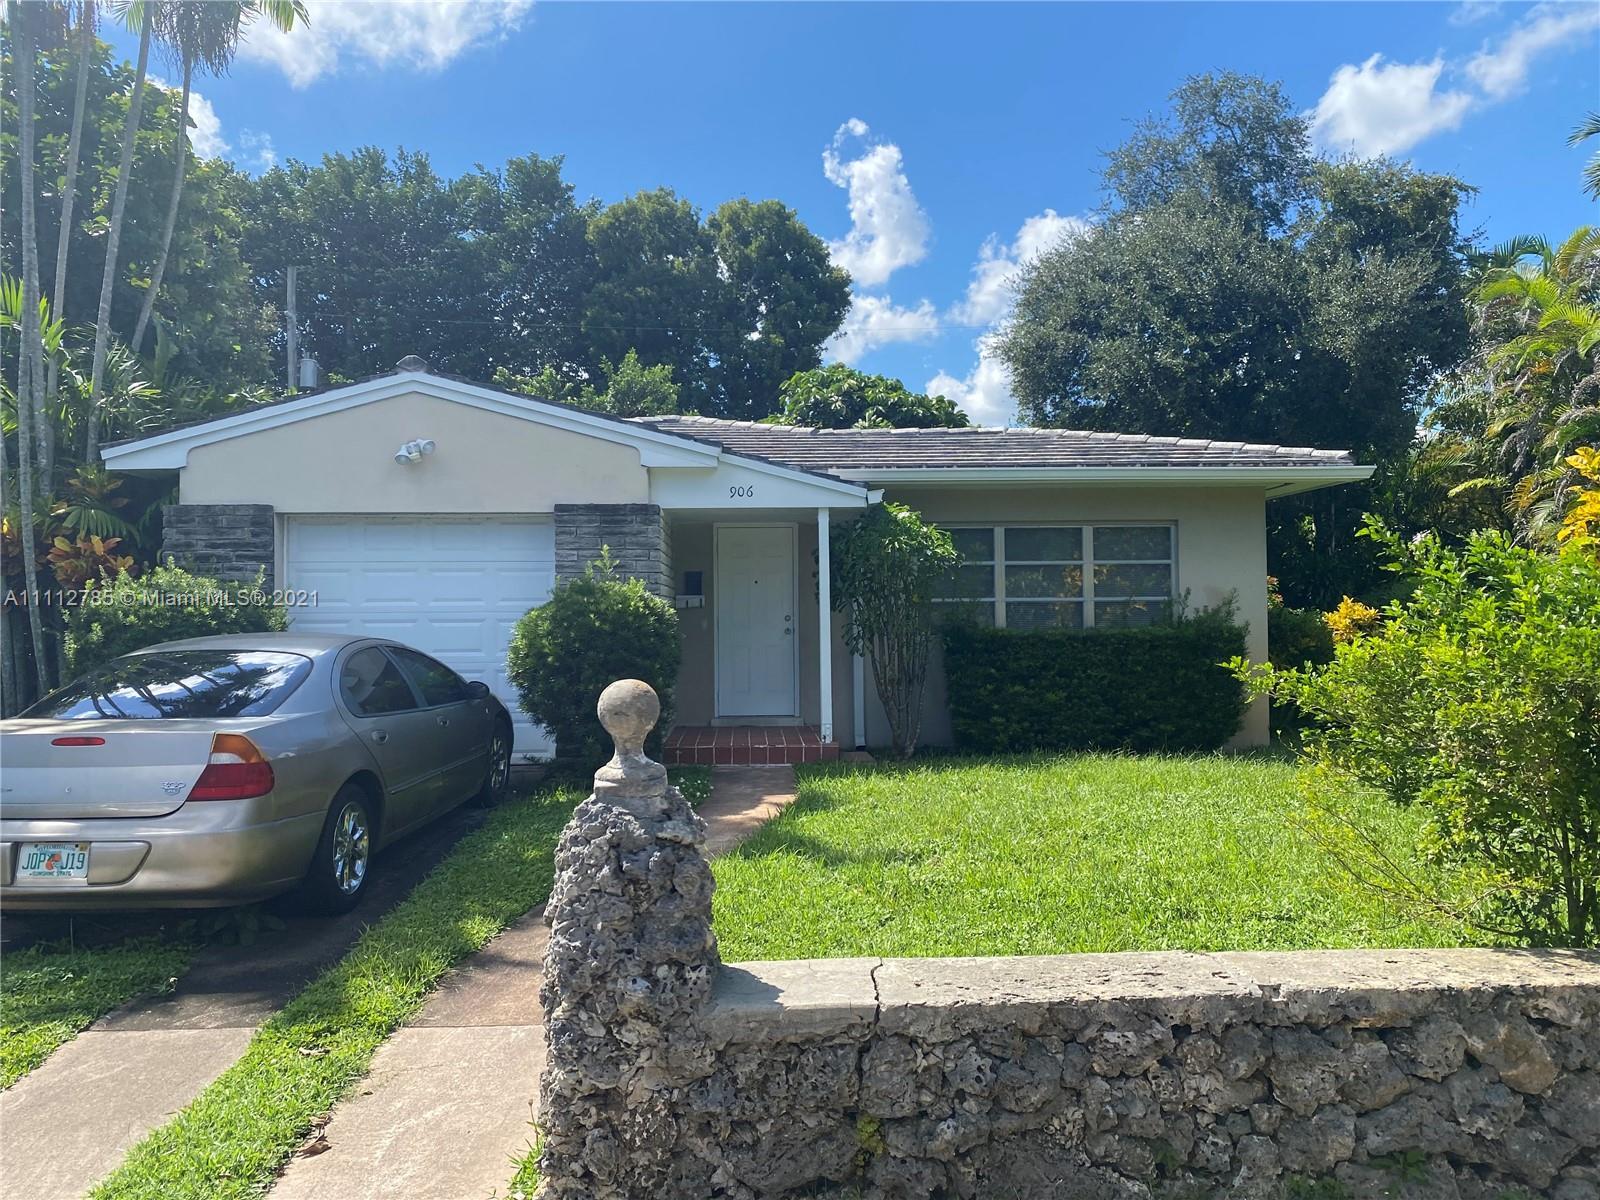 Tamiami Place - 906 El Rado St, Coral Gables, FL 33134